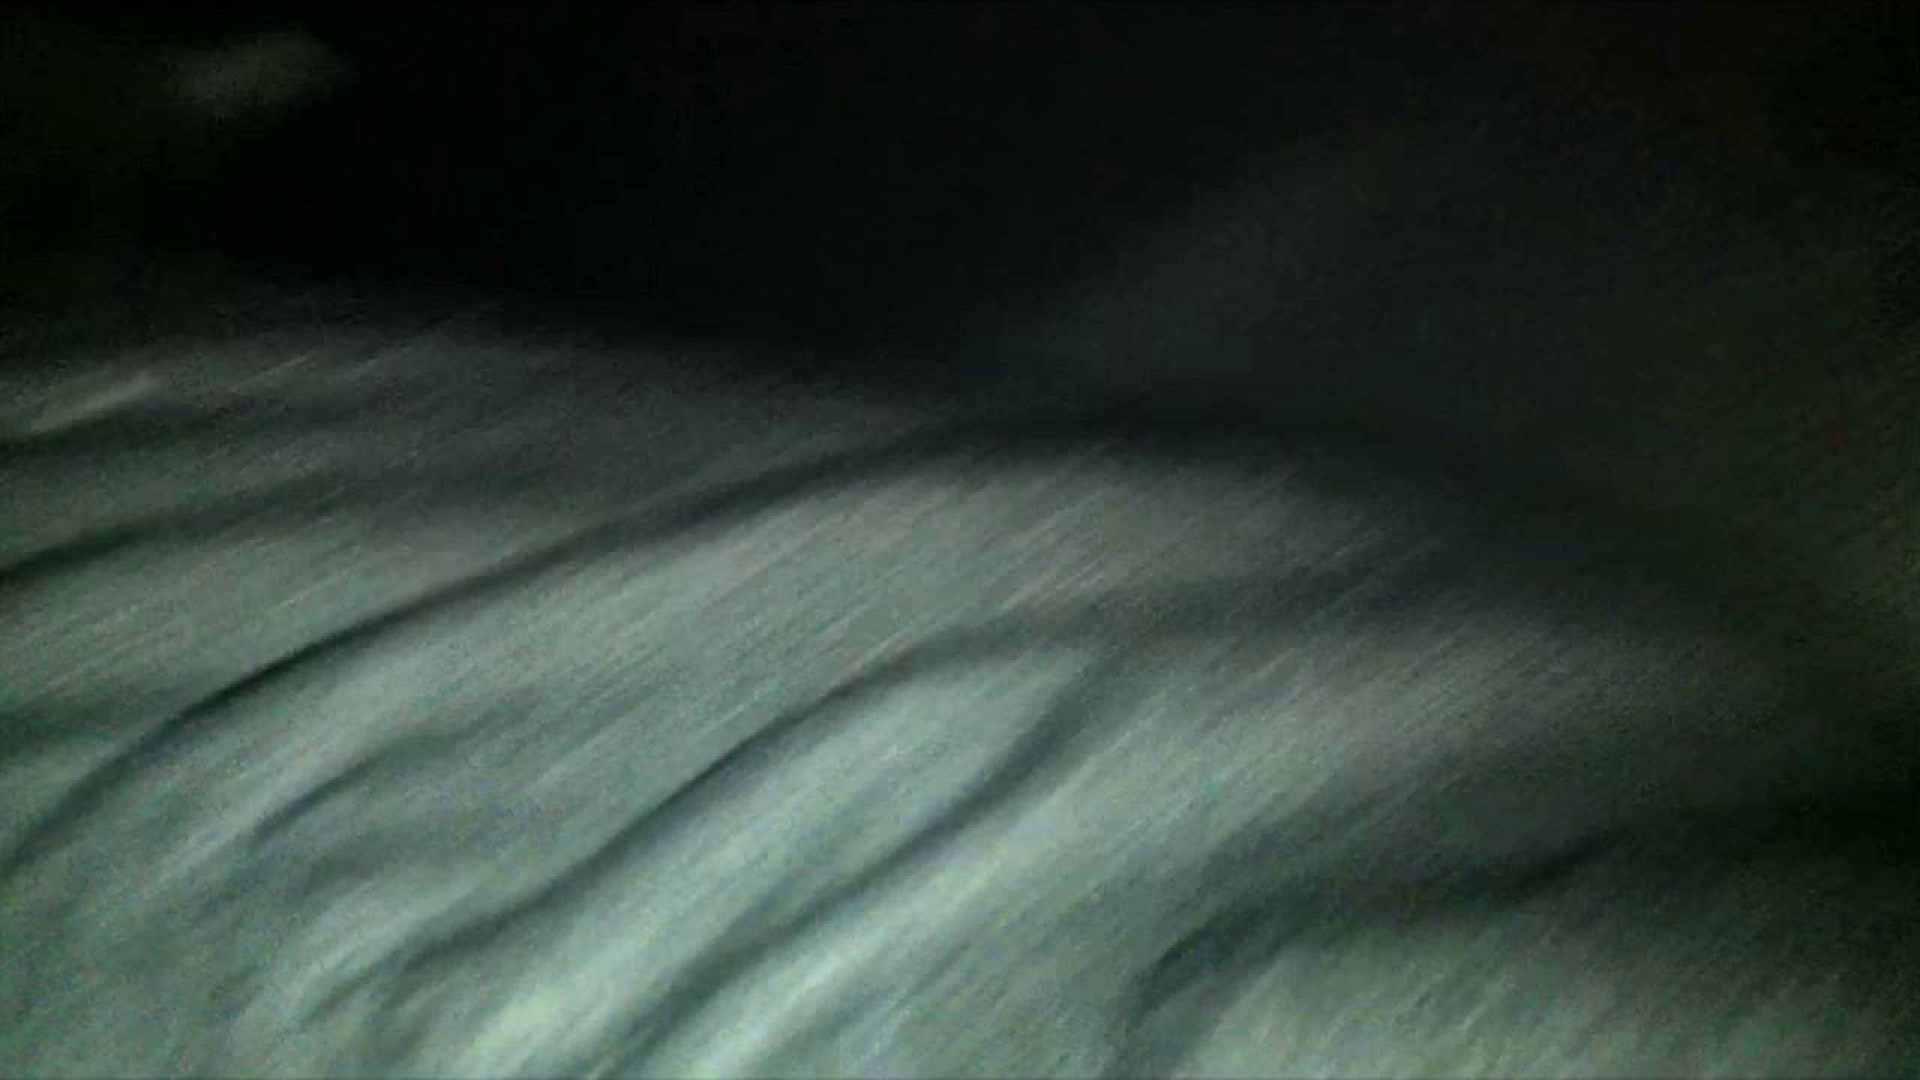 魔術師の お・も・て・な・し vol.19 25歳のキャリアウーマンにネットカフェイタズラ 0   0  76画像 4